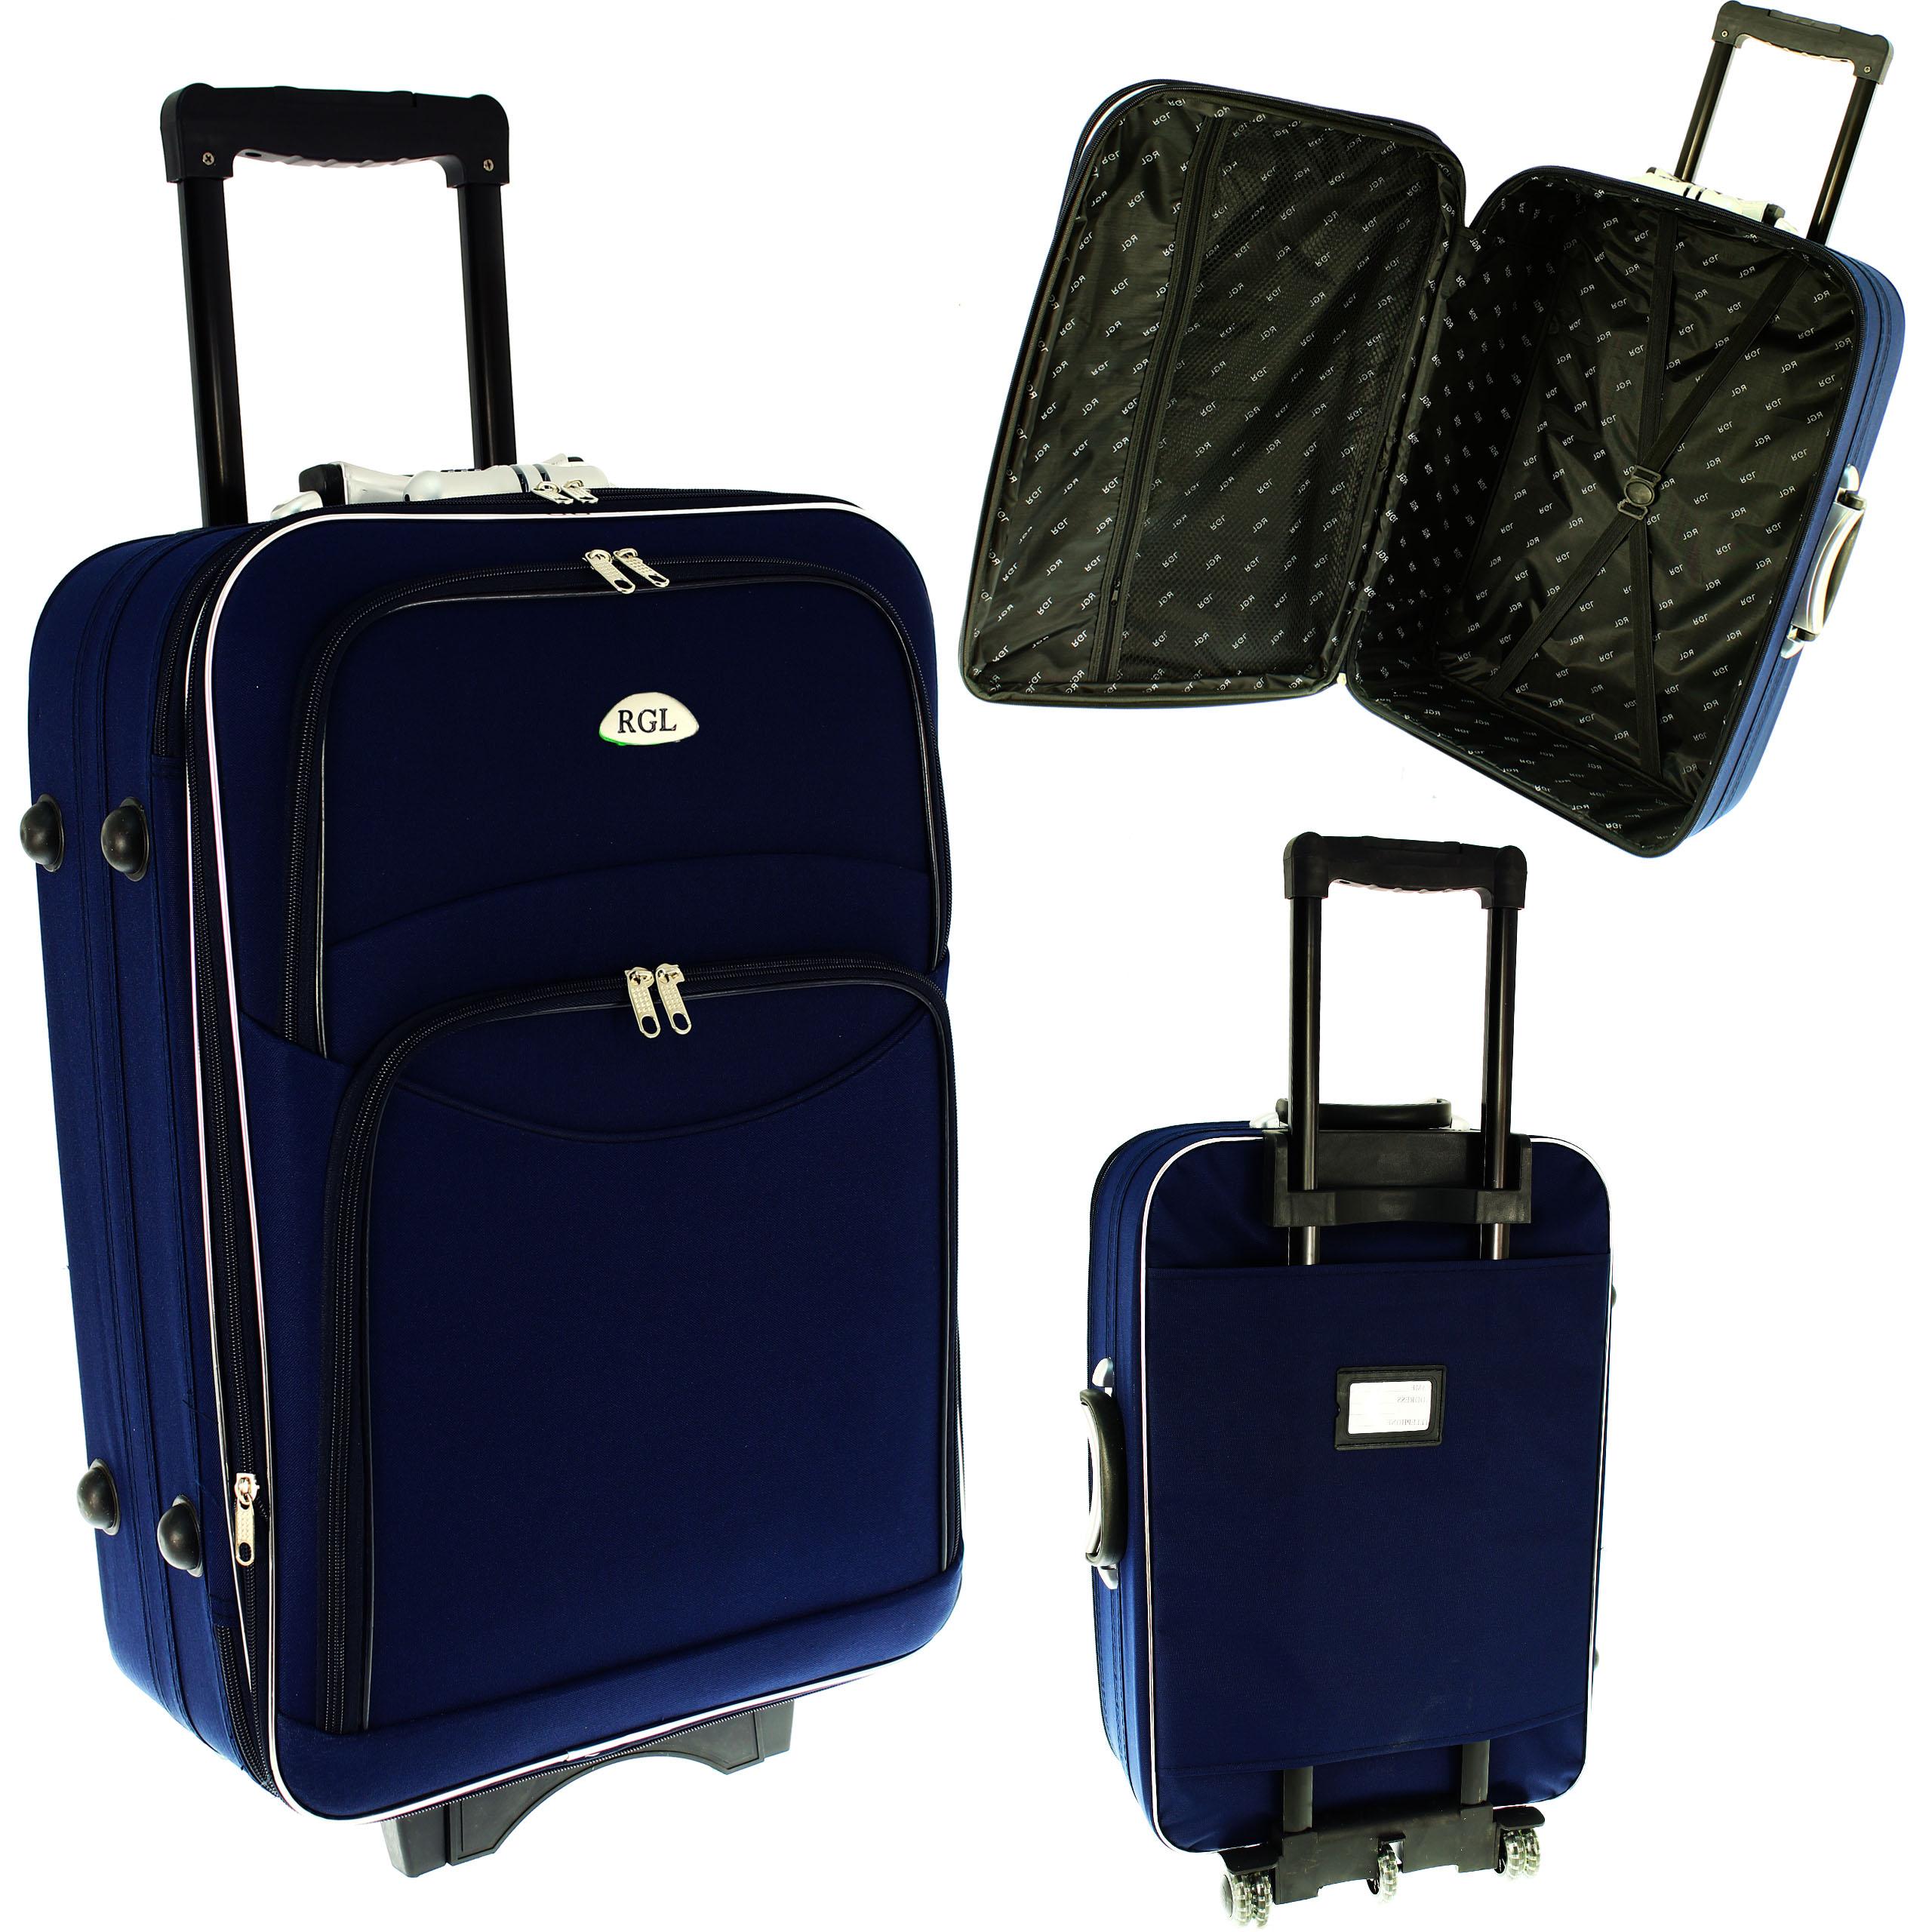 42a4b3ee041e5 773 RGL Walizka podróżna średnia na kółkach bagaż - 6820865598 ...